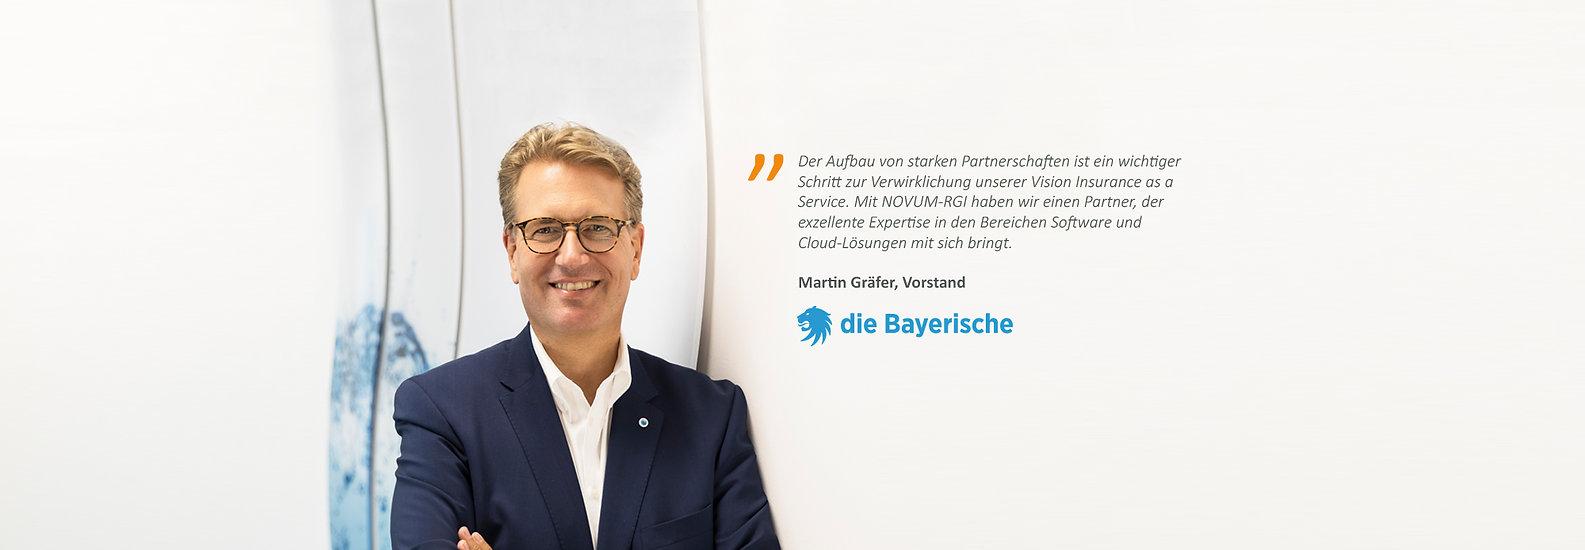 Slider Referenz Martin Gräfer die Bayeri